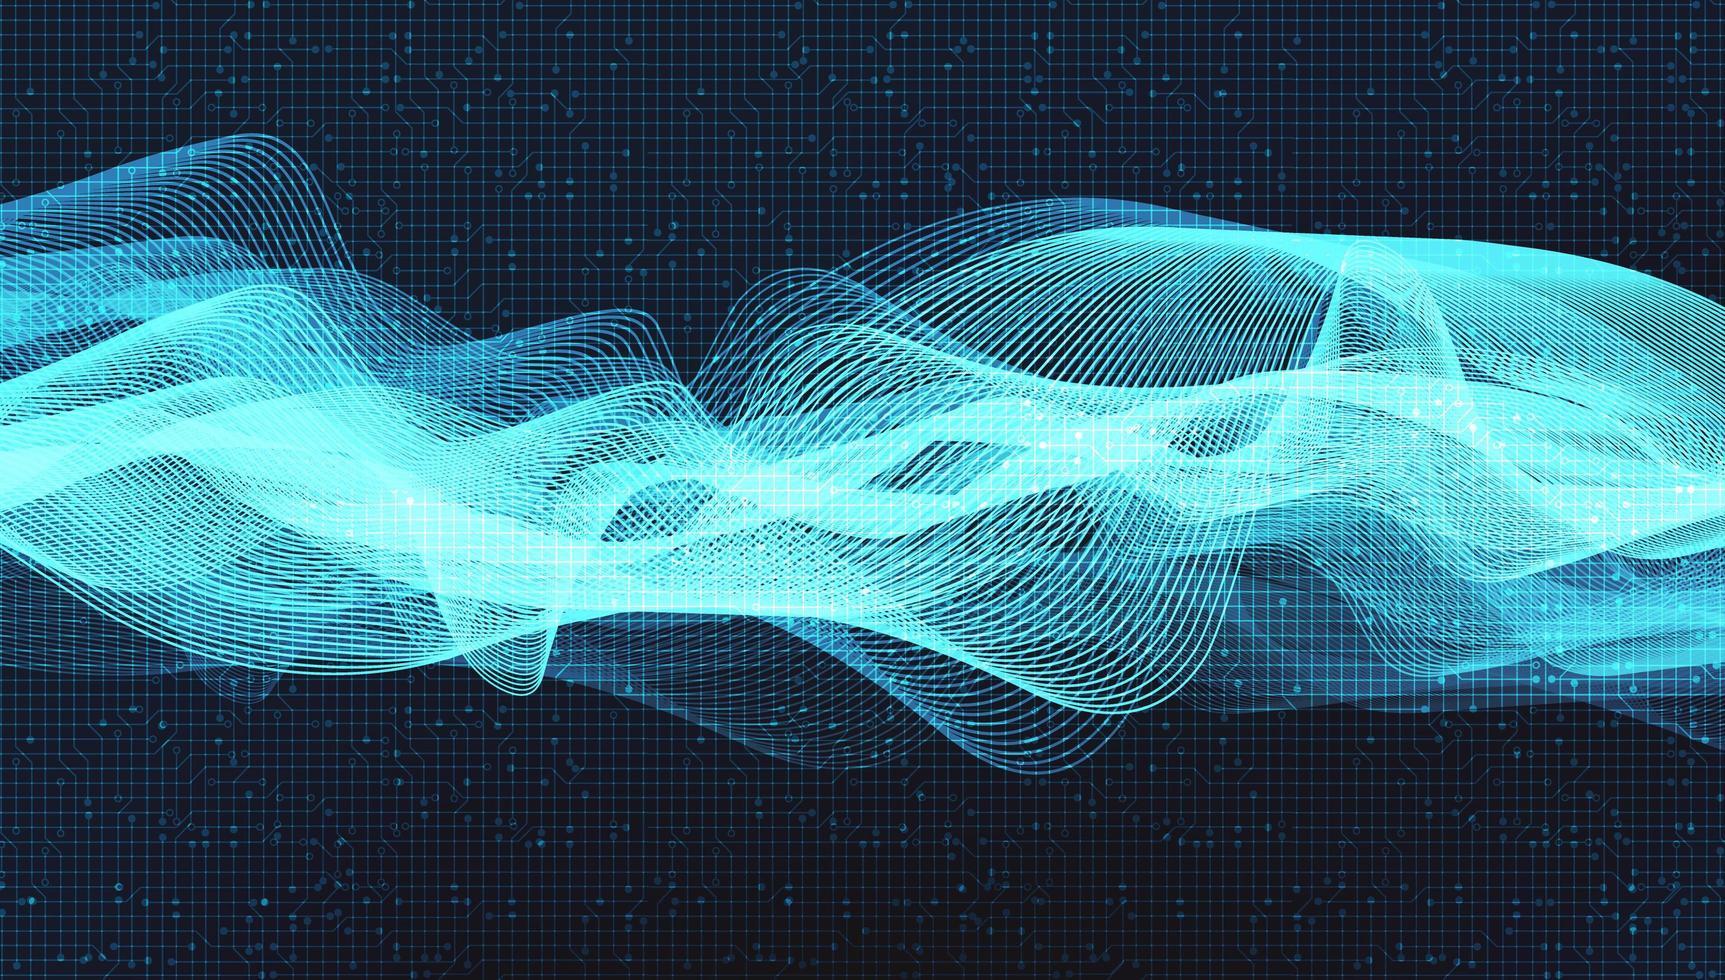 blauwe schakelingsmicrochip op technologieachtergrond, hi-tech digitaal en veiligheidsconceptontwerp, vrije ruimte voor ingevoerde tekst, vectorillustratie. vector